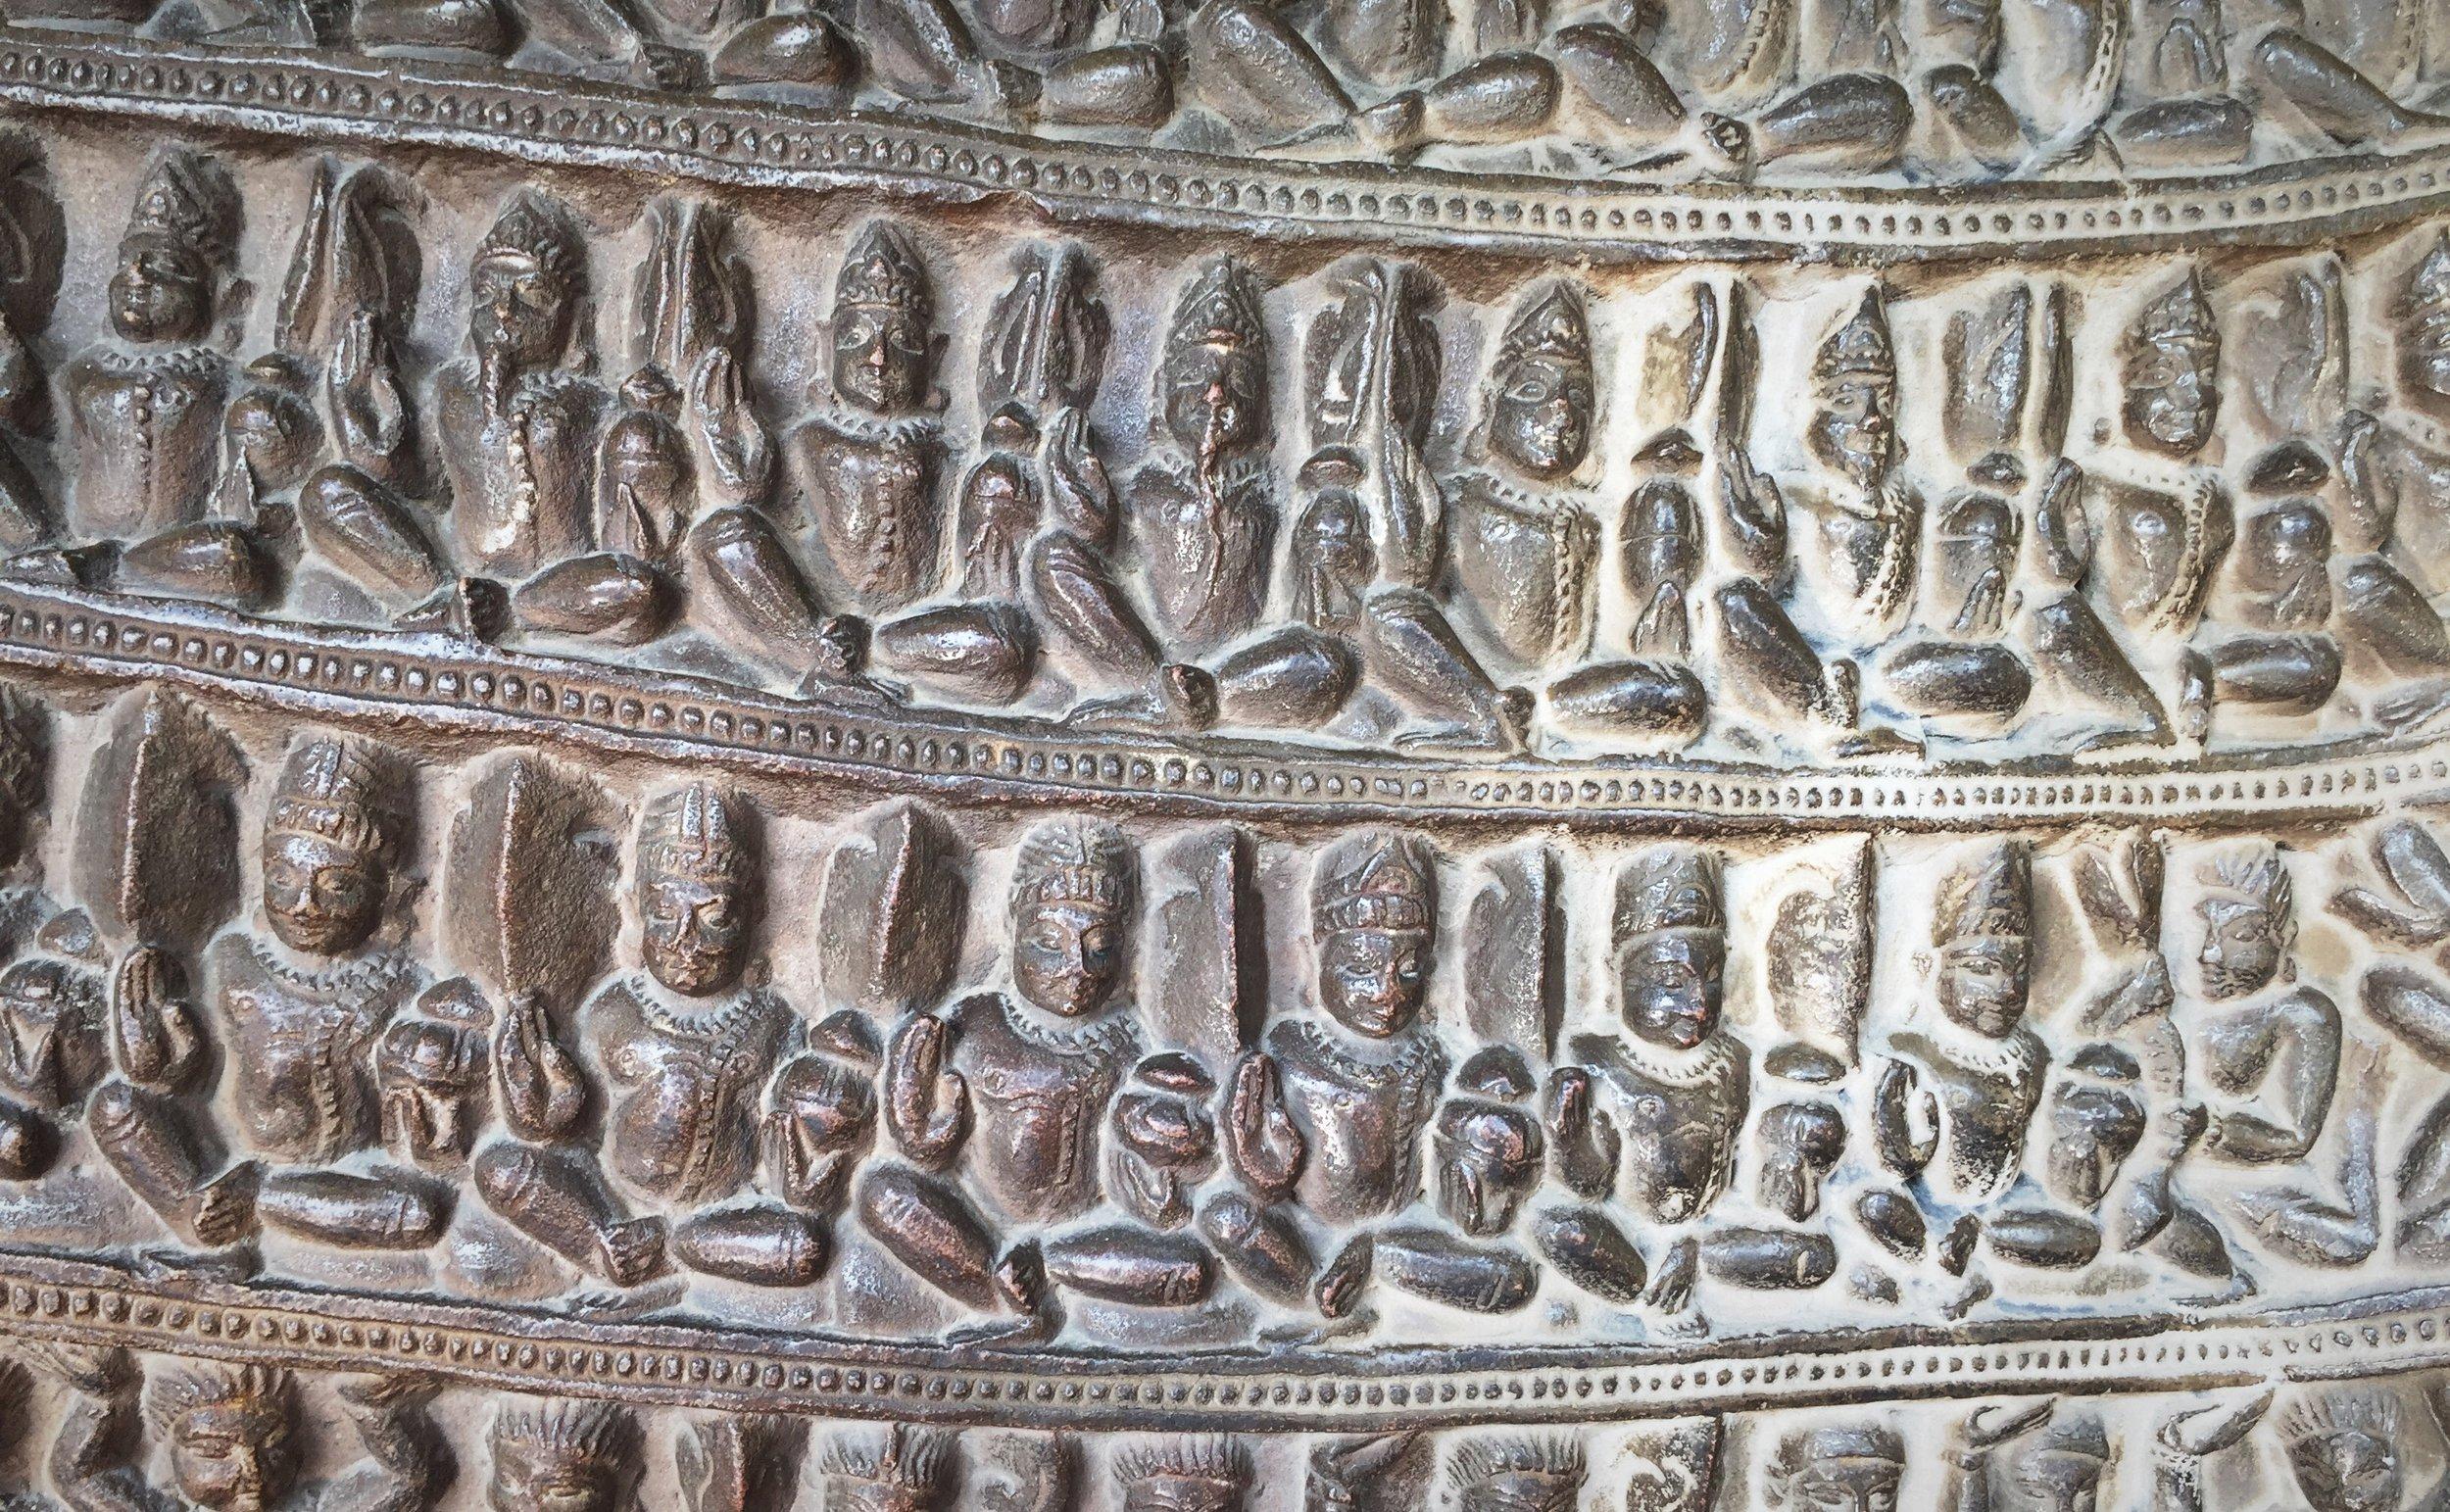 Khajuraho, India